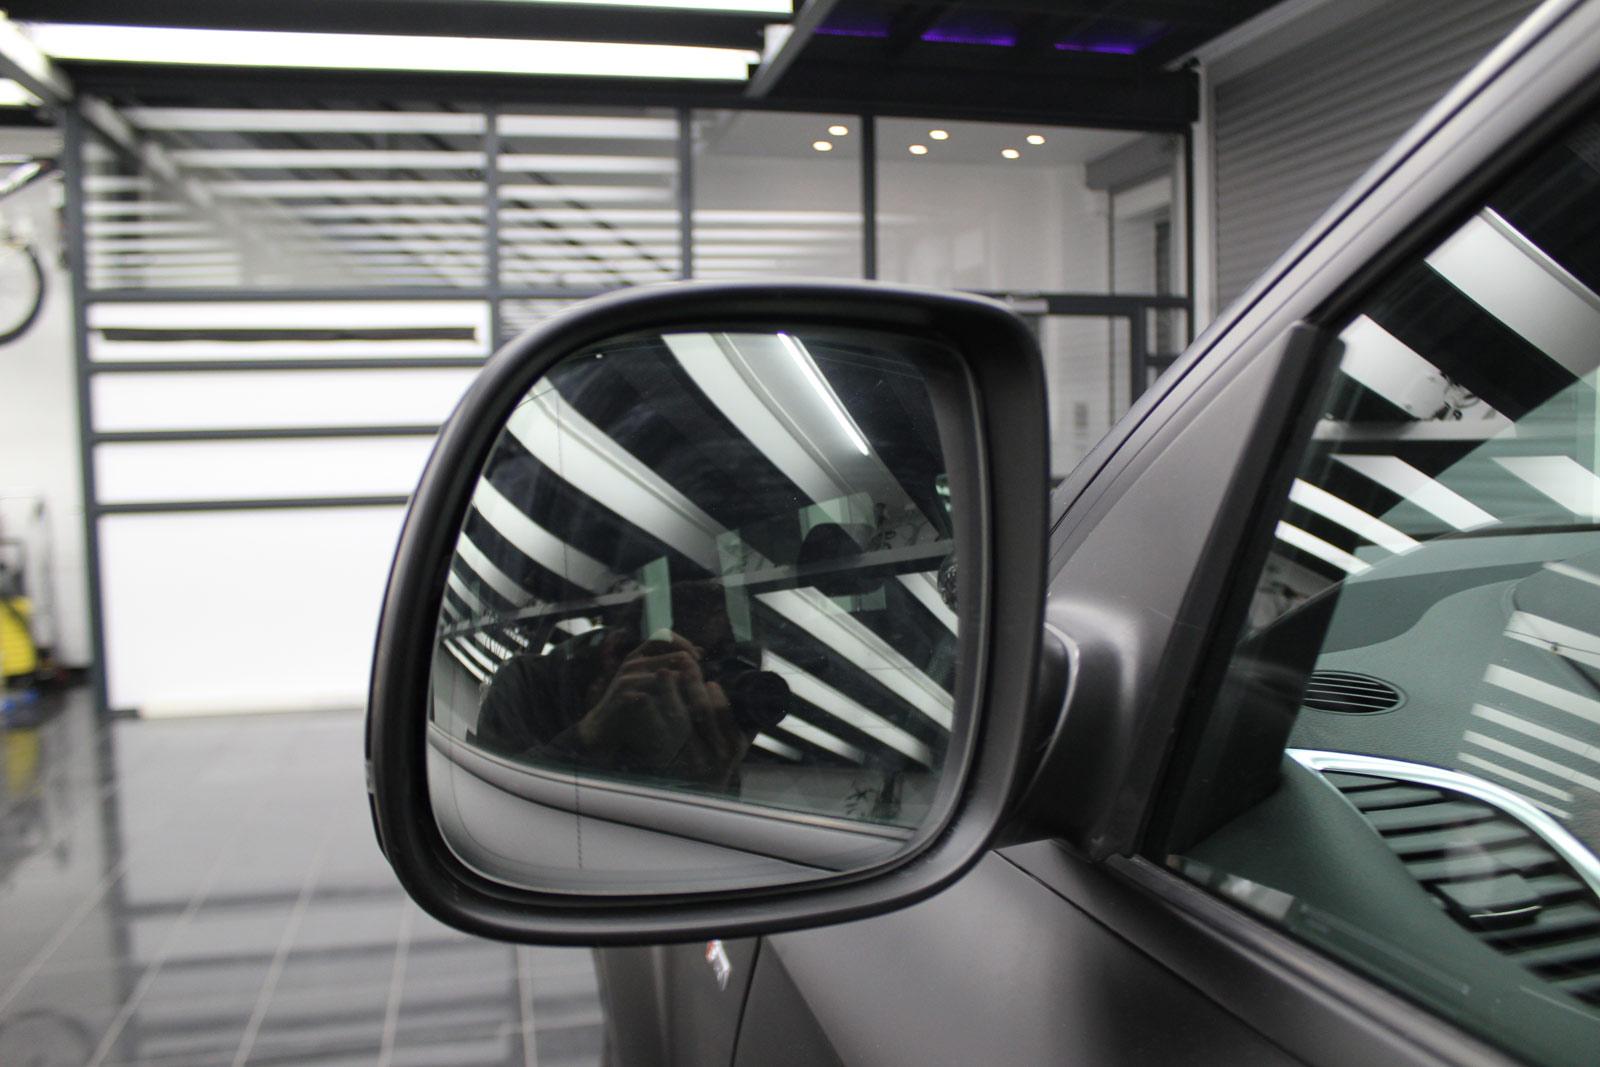 Audi_Q7_Folierung_Schwarz_Matt_13